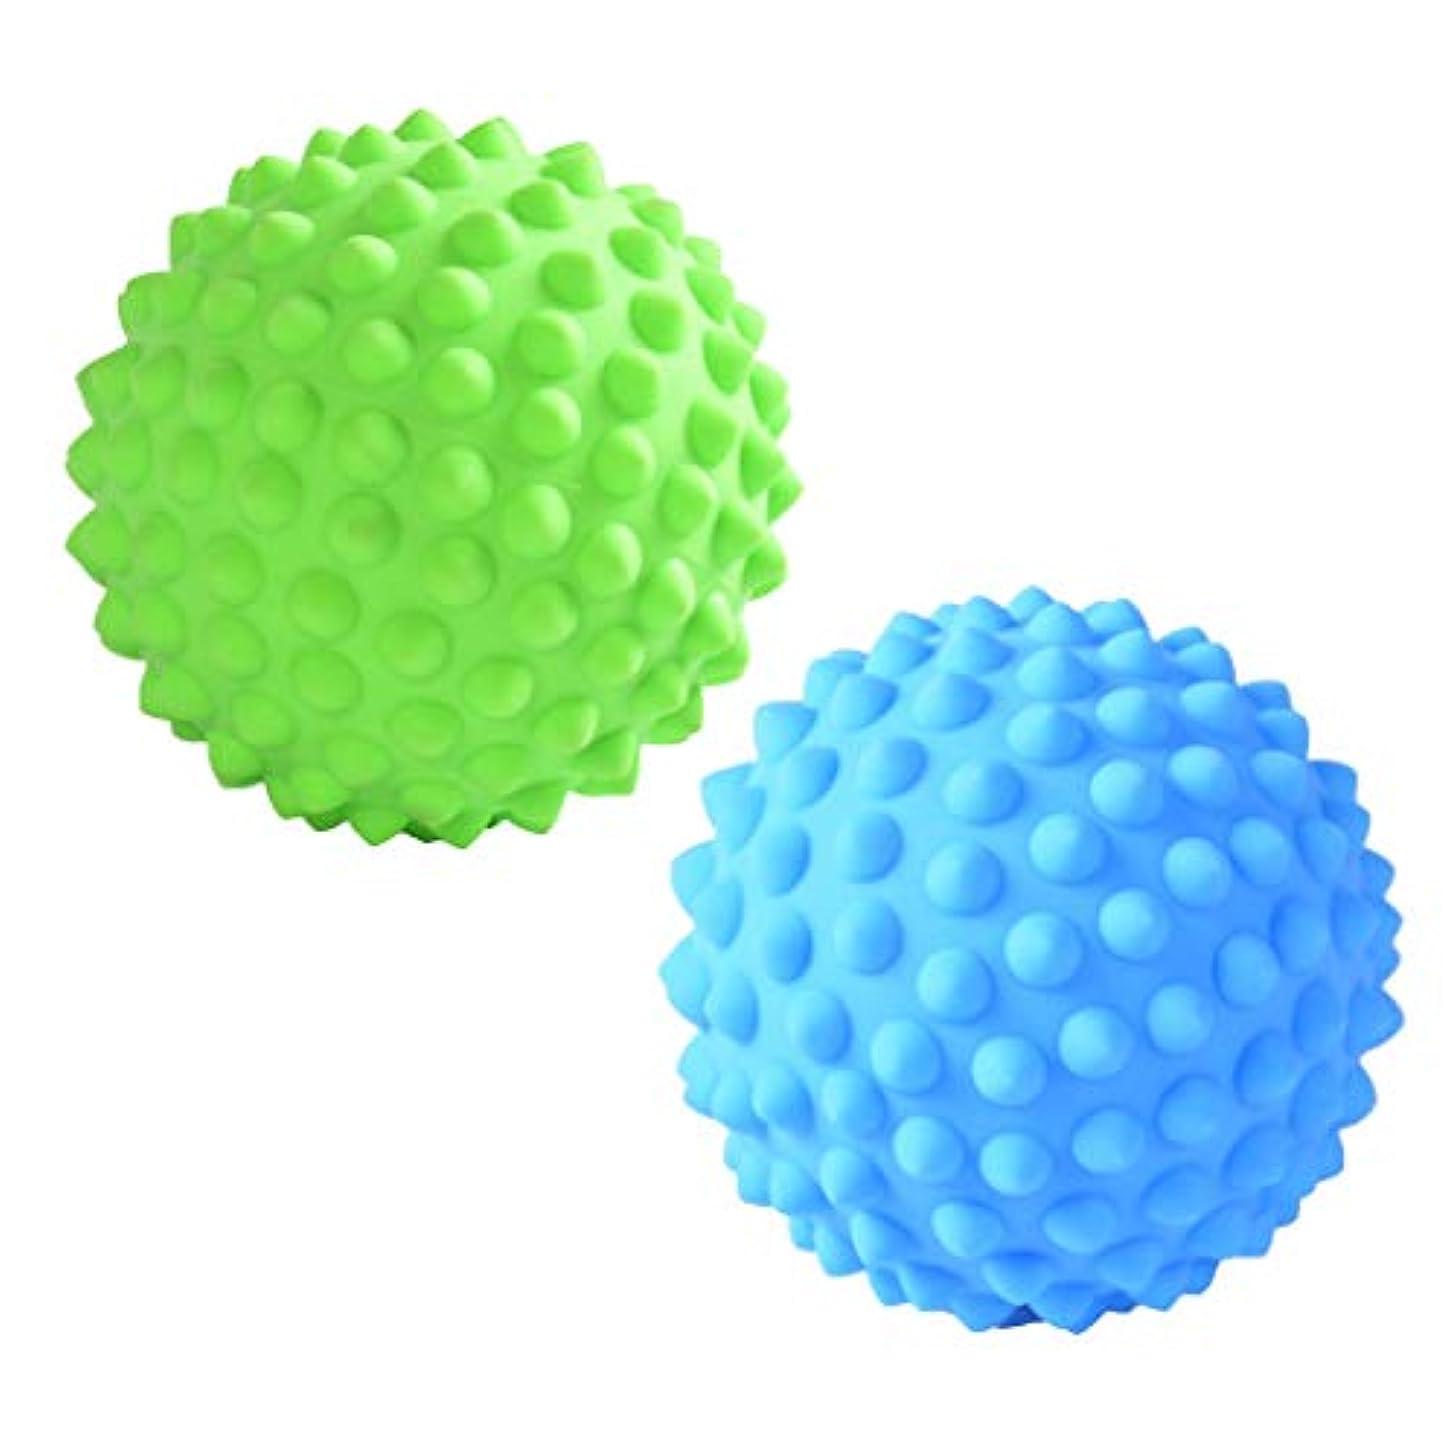 気絶させる出撃者胴体2個 マッサージローラーボール 指圧ボール PVC トリガーポイント 疲れ解消ボール ヨガ 疲労軽減